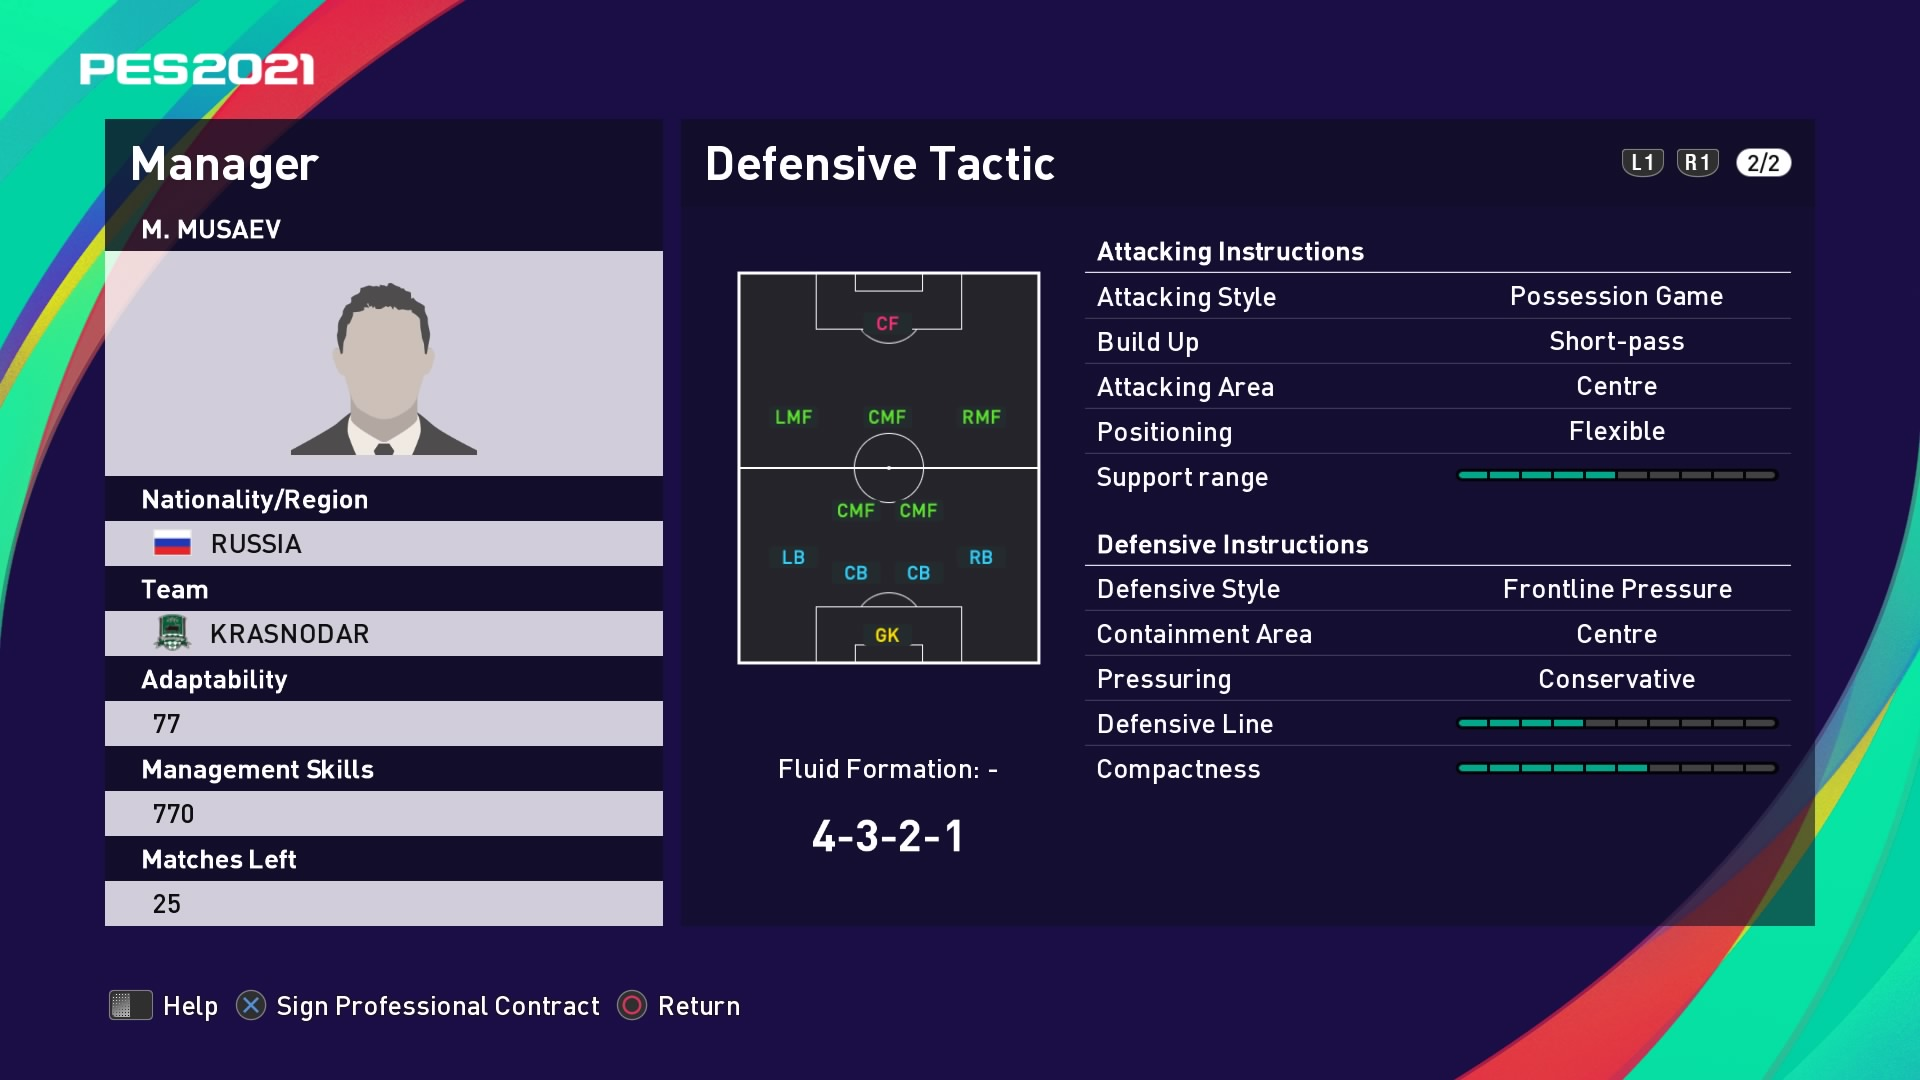 M. Musaev (Murad Musayev) Defensive Tactic in PES 2021 myClub